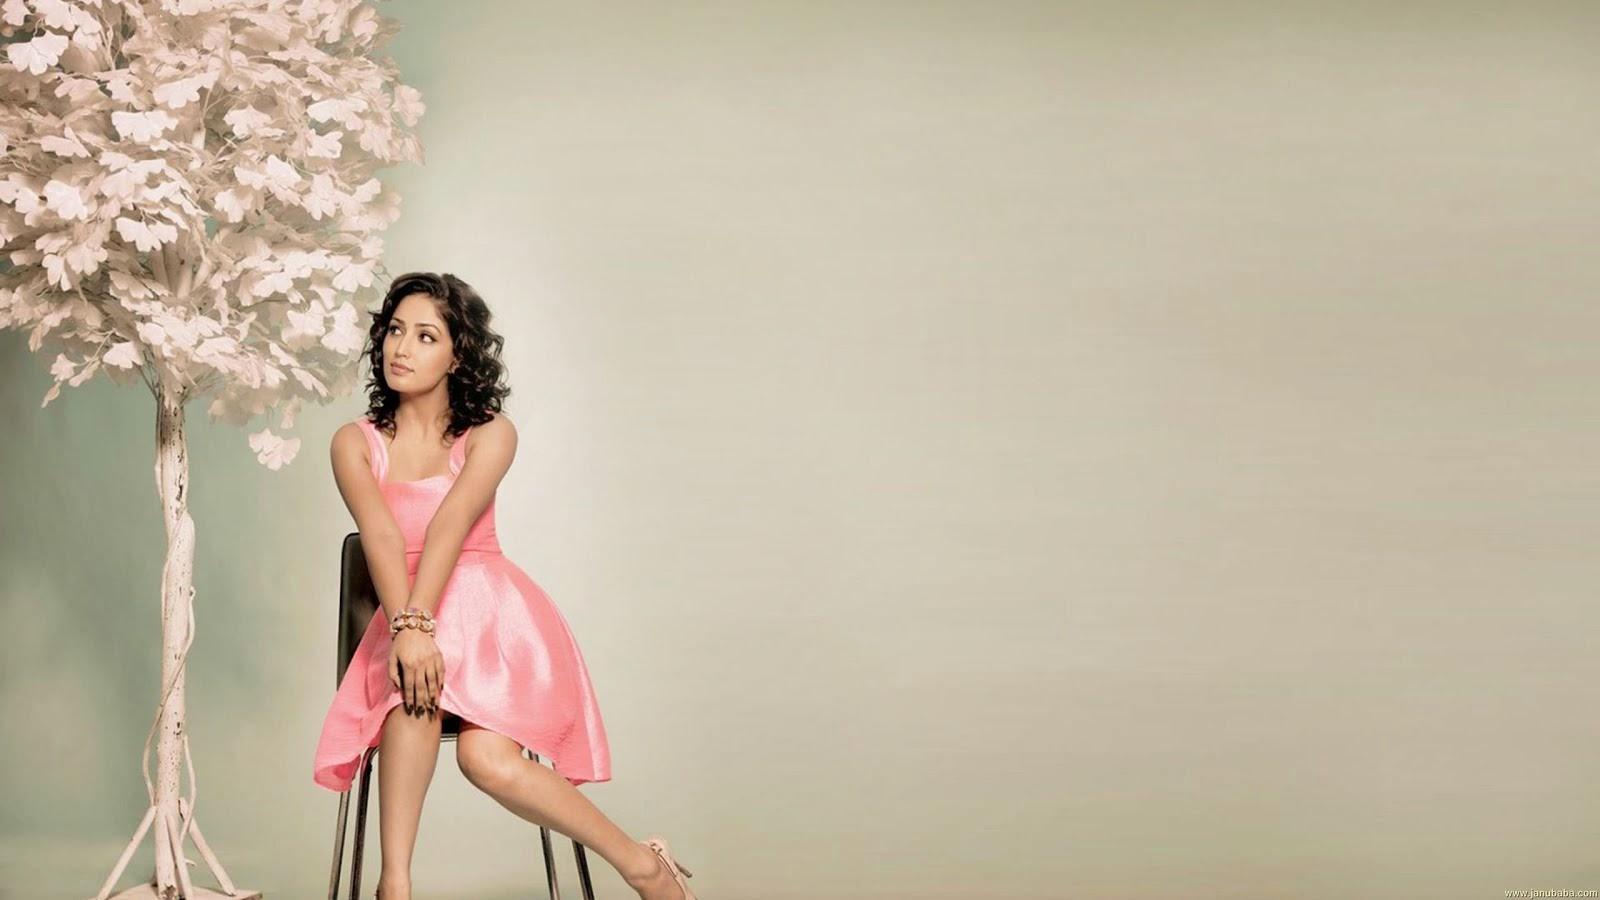 Actress Yami Gautam Wallpapers - Part 1